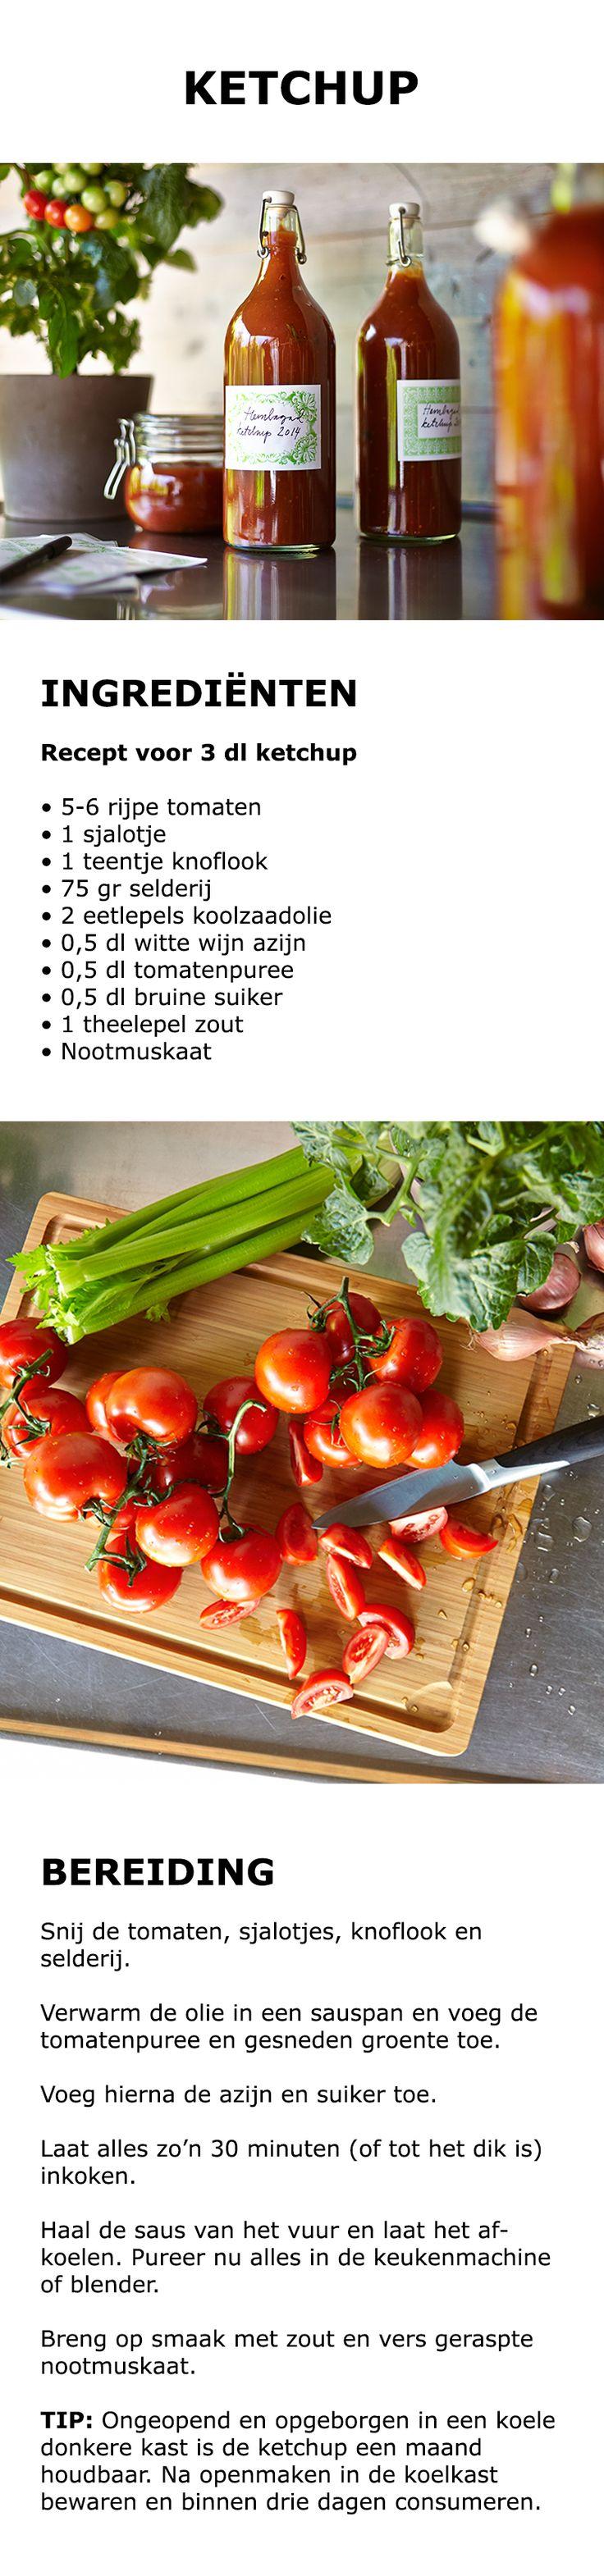 Inspiratie voor de keuken - Zelf ketchup maken | STUDIO by IKEA IKEAnl IKEANederland tomaten ketchup tomatenketchup duurzaam saus knoflook selderij puree DIY